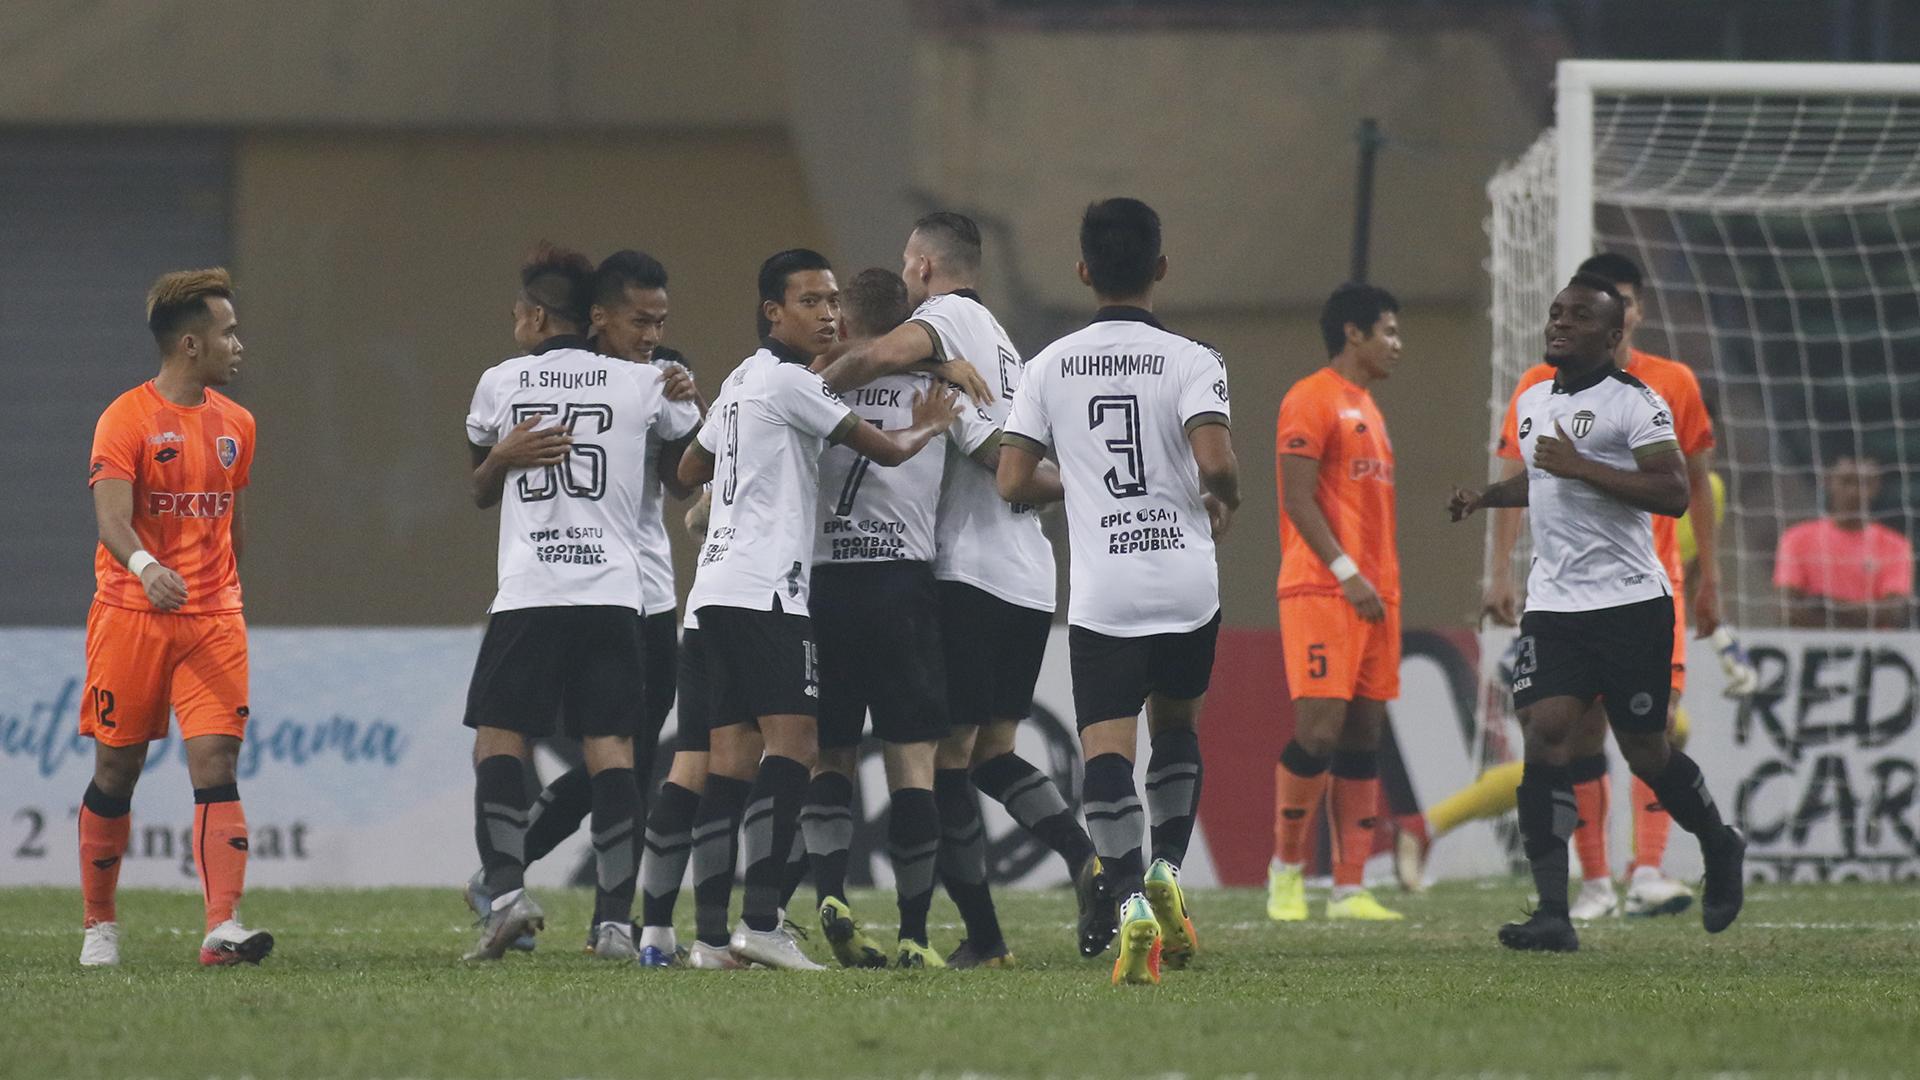 PKNS FC v Terengganu FC, Malaysia Cup, 17 Sep 2019